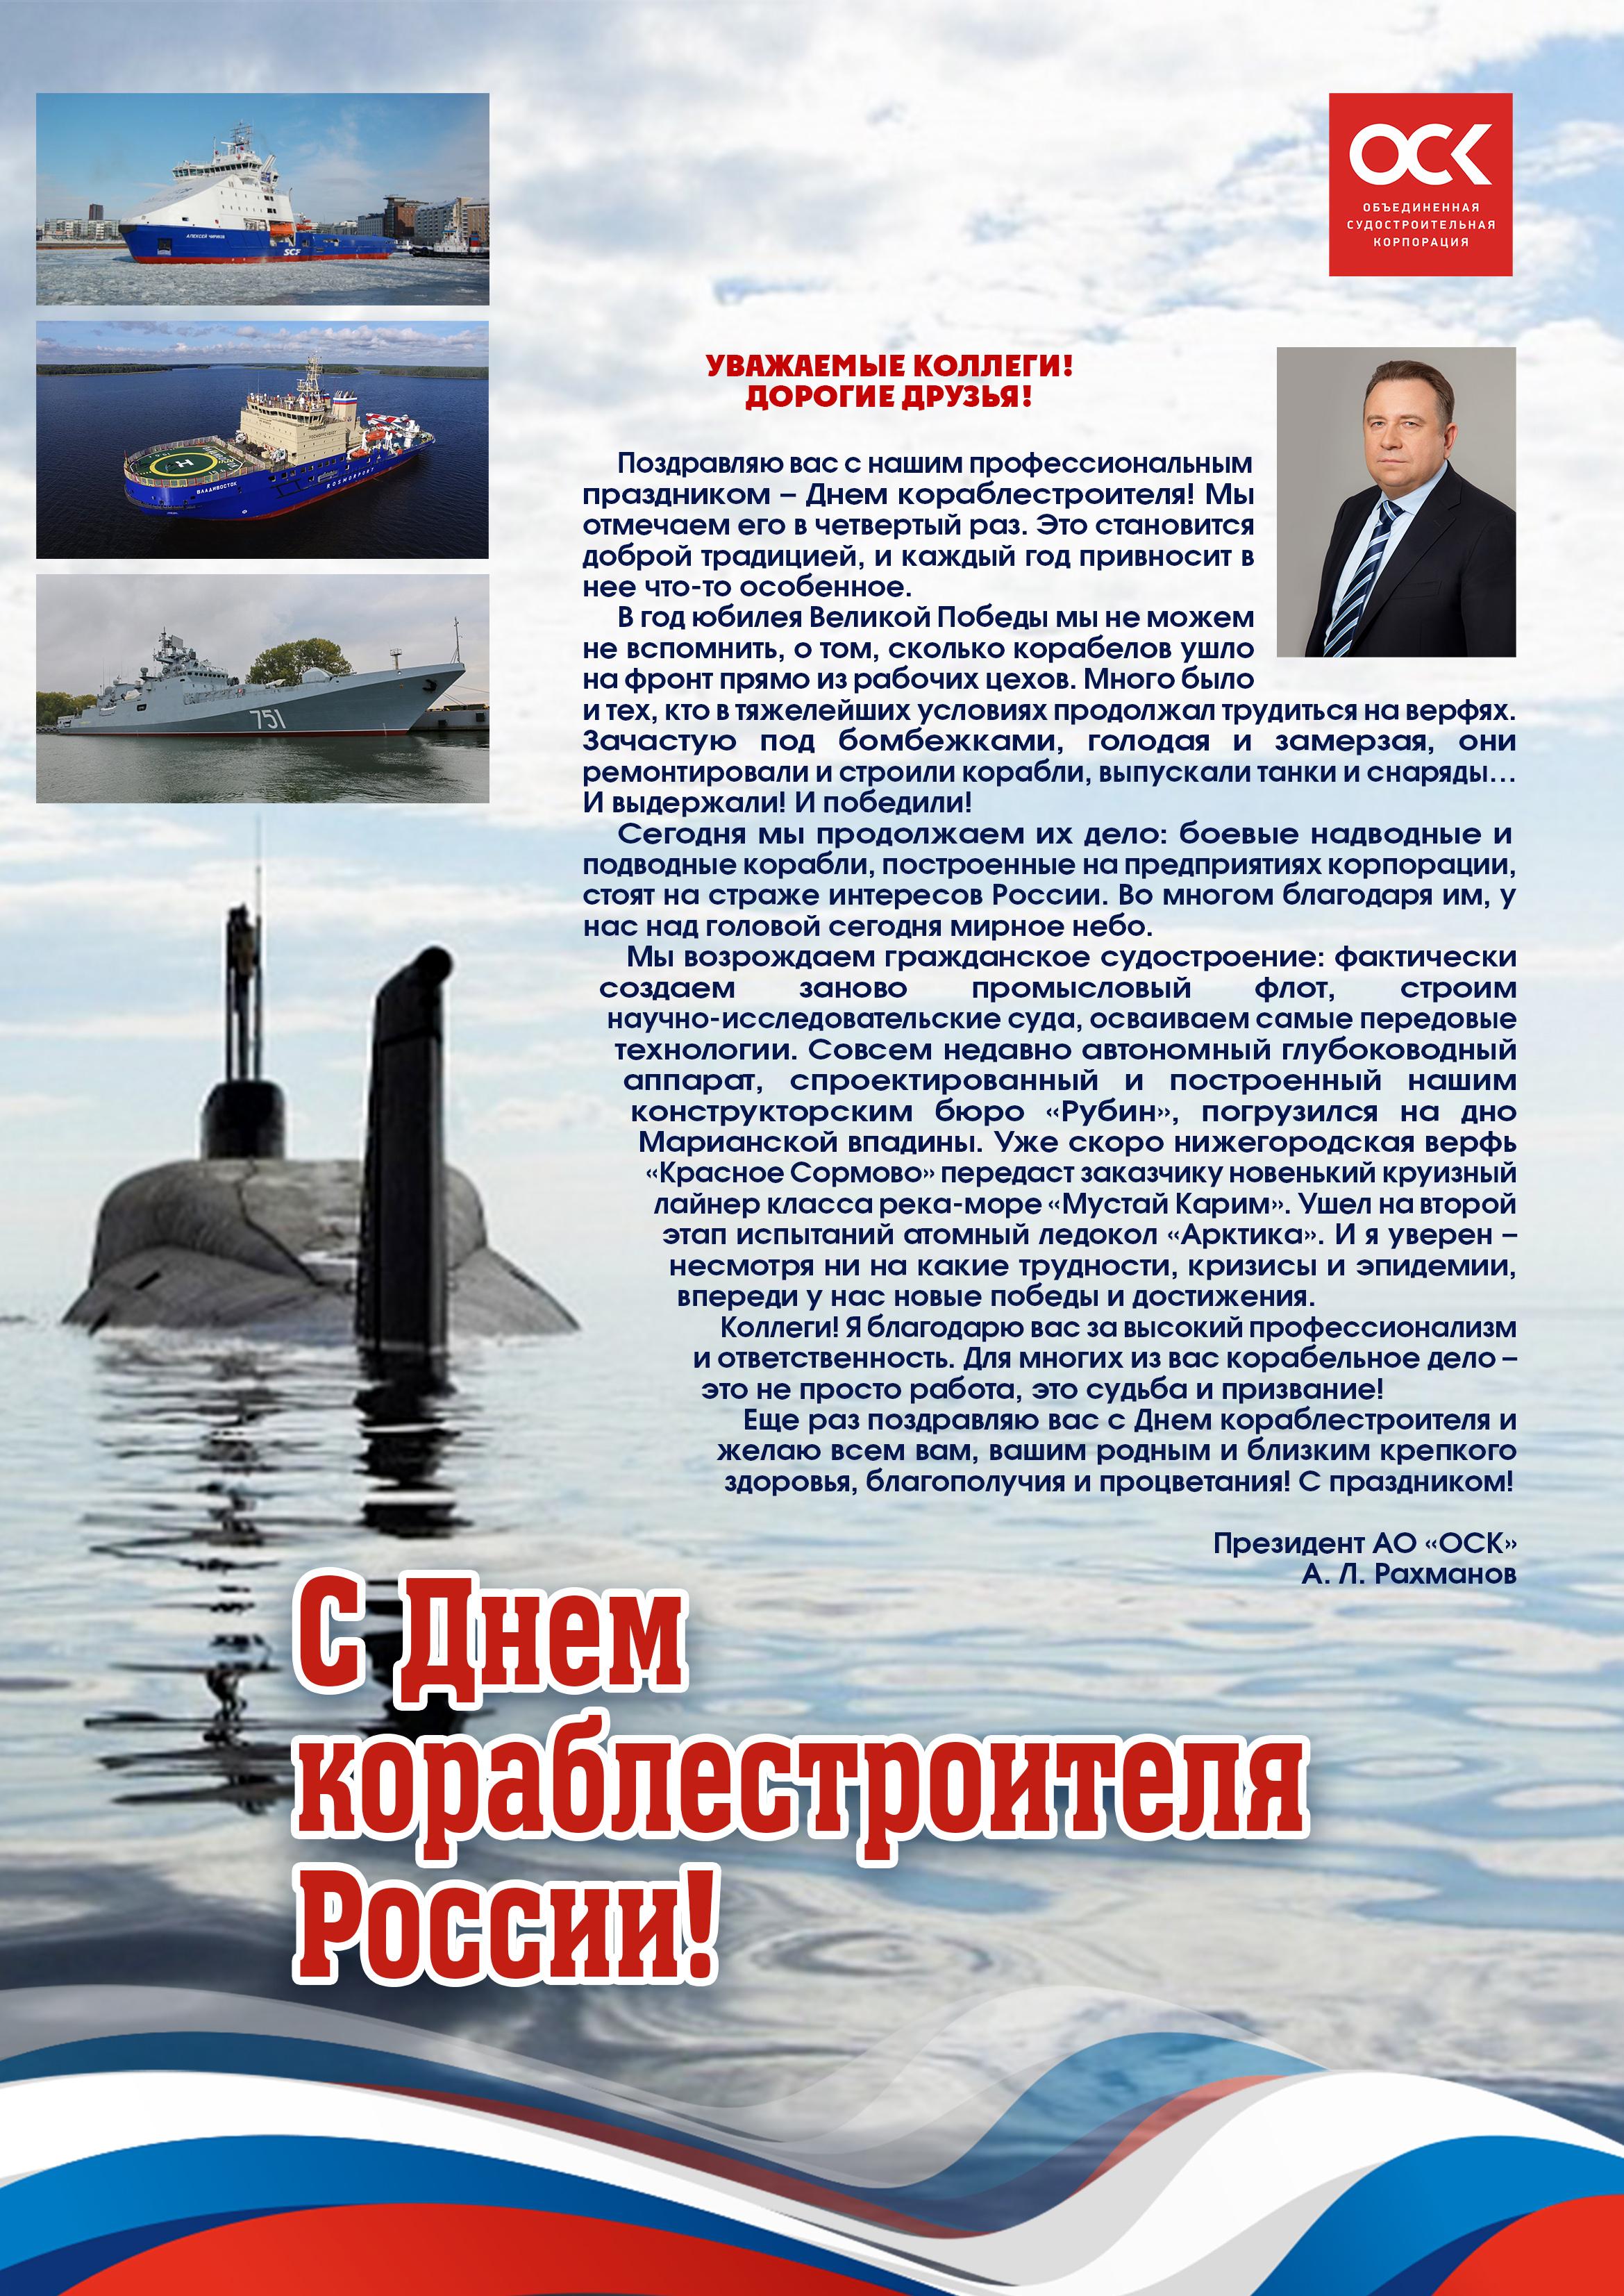 Плакат ко Дню Кораблестроителя (Рахманов)